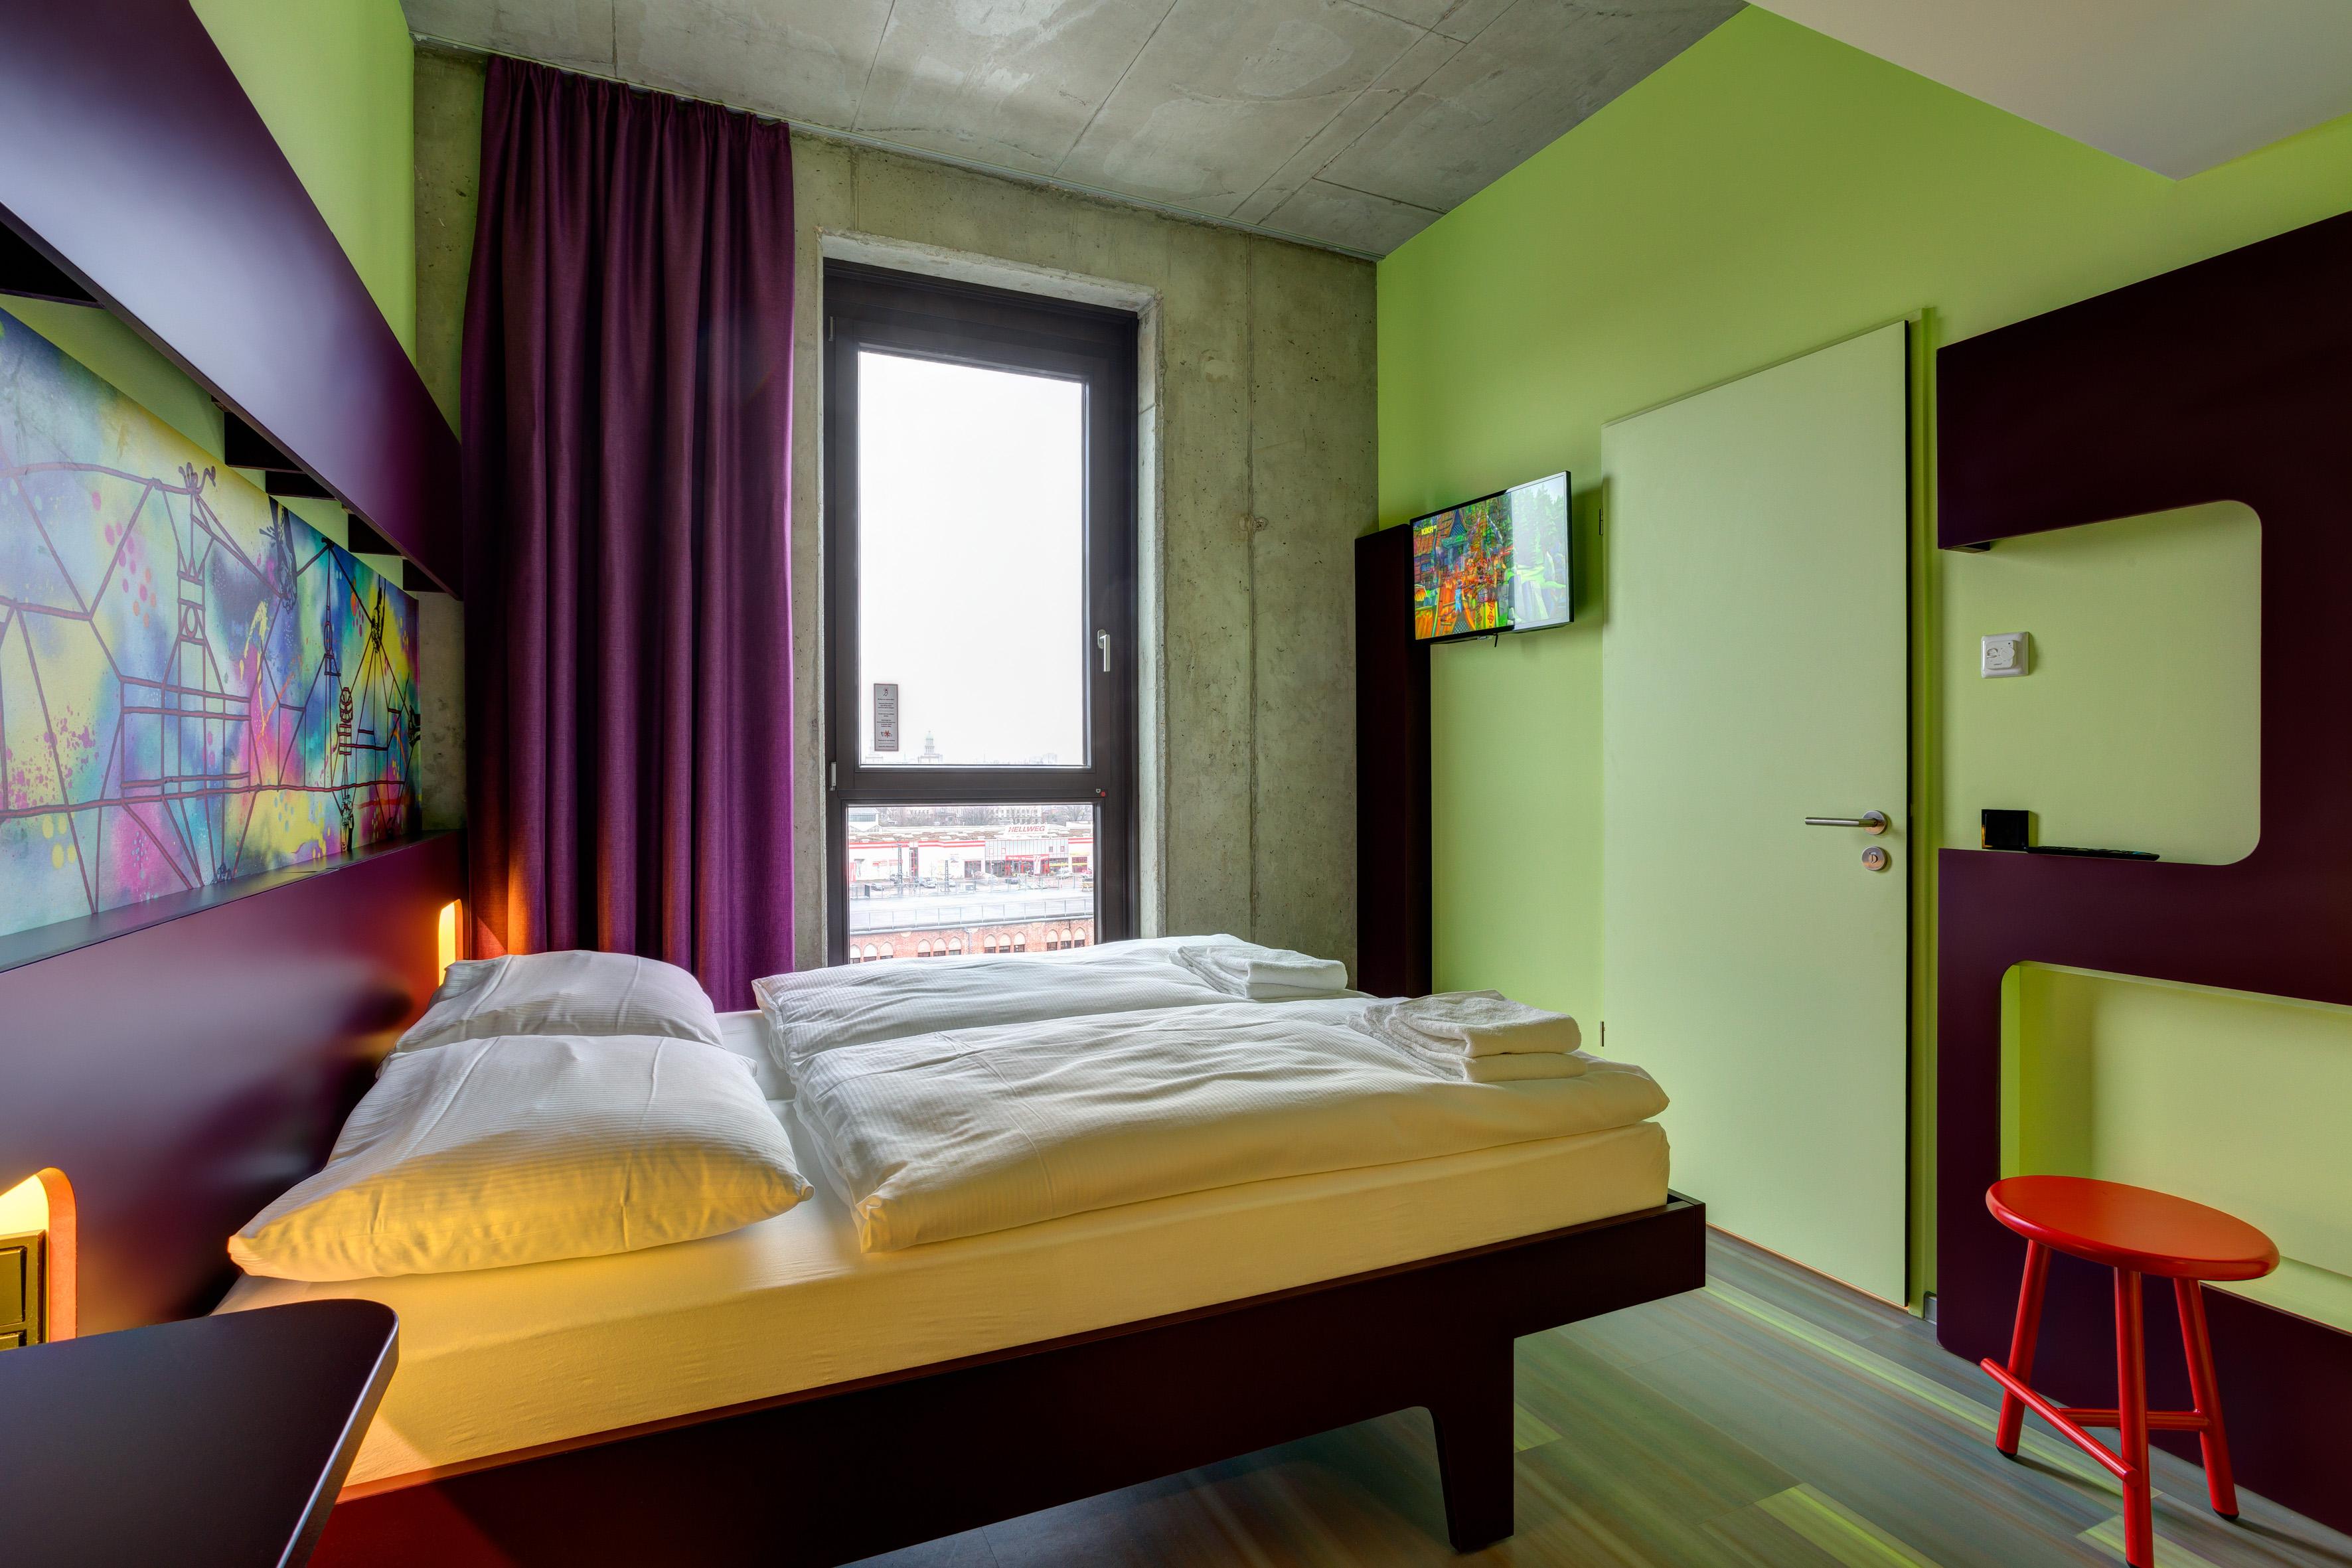 MEININGER Hotel Berlin East Side Gallery - Single-/ Double Room